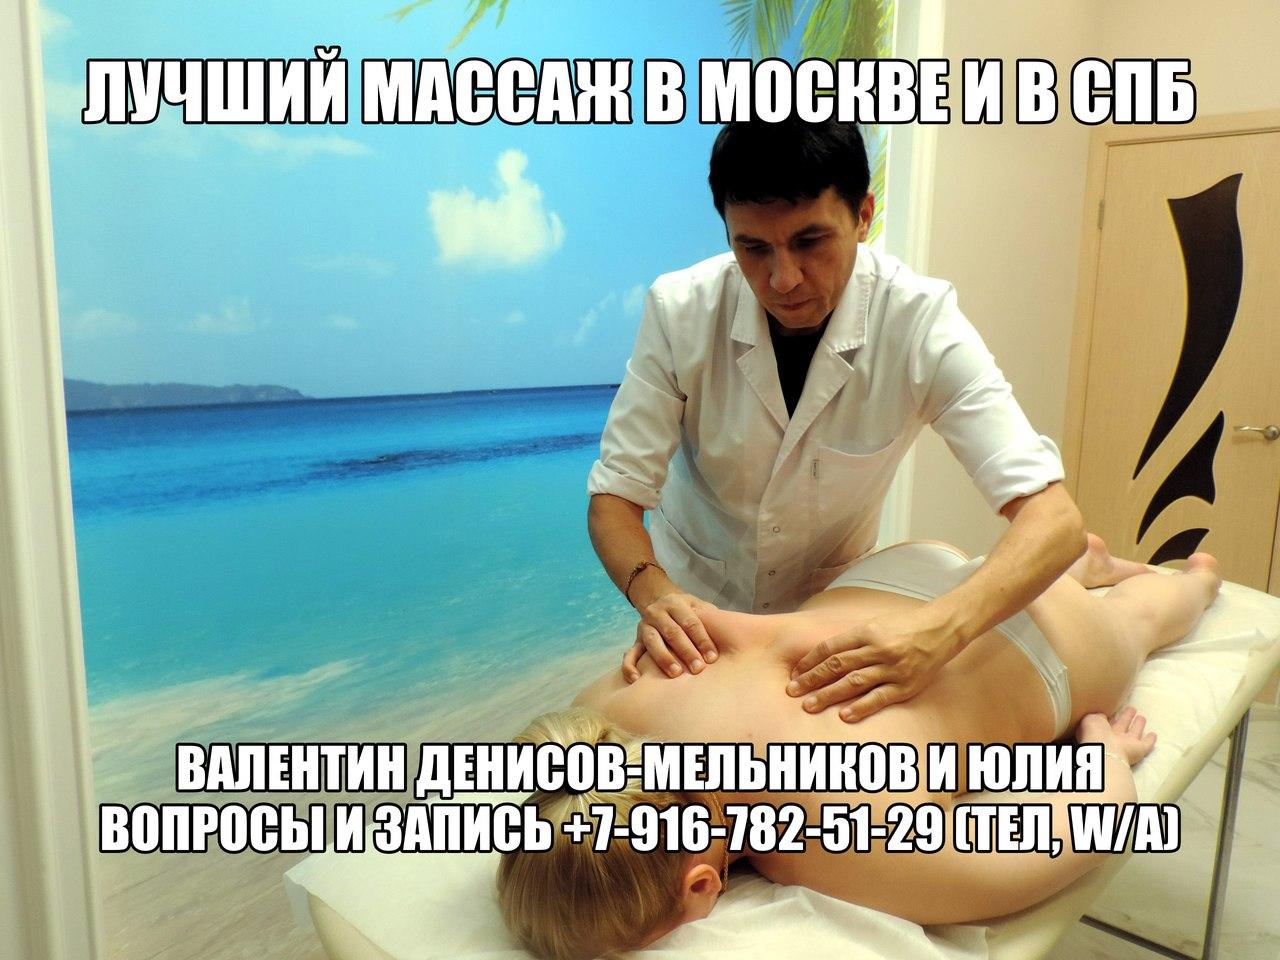 как выбрать массажиста, как выбрать хорошего массажиста, хороший массажист посоветуйте хорошего массажиста,